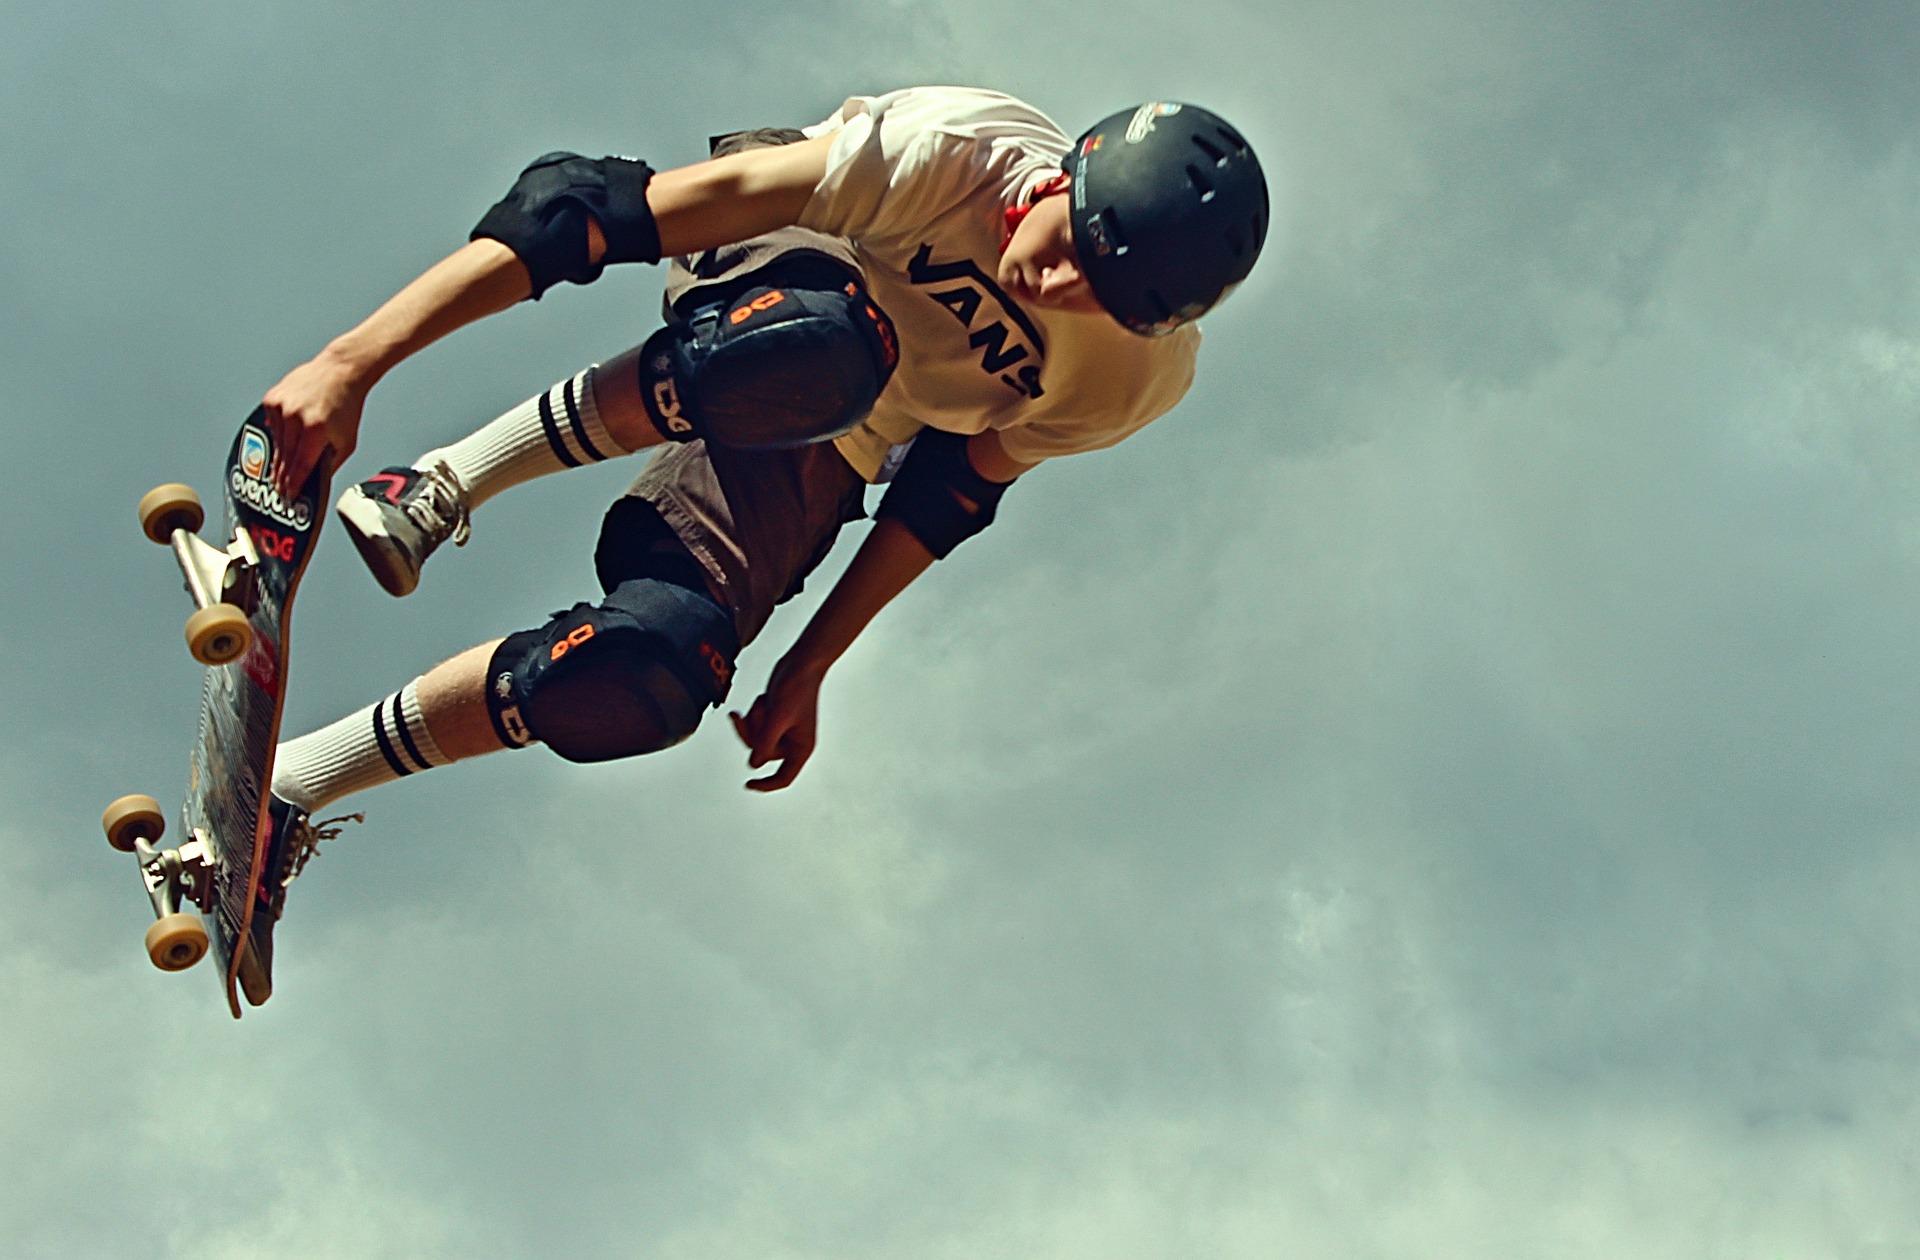 Skatista pratica manobra aérea usando kit de segurança com capacete, cotoveleiras e joelheiras